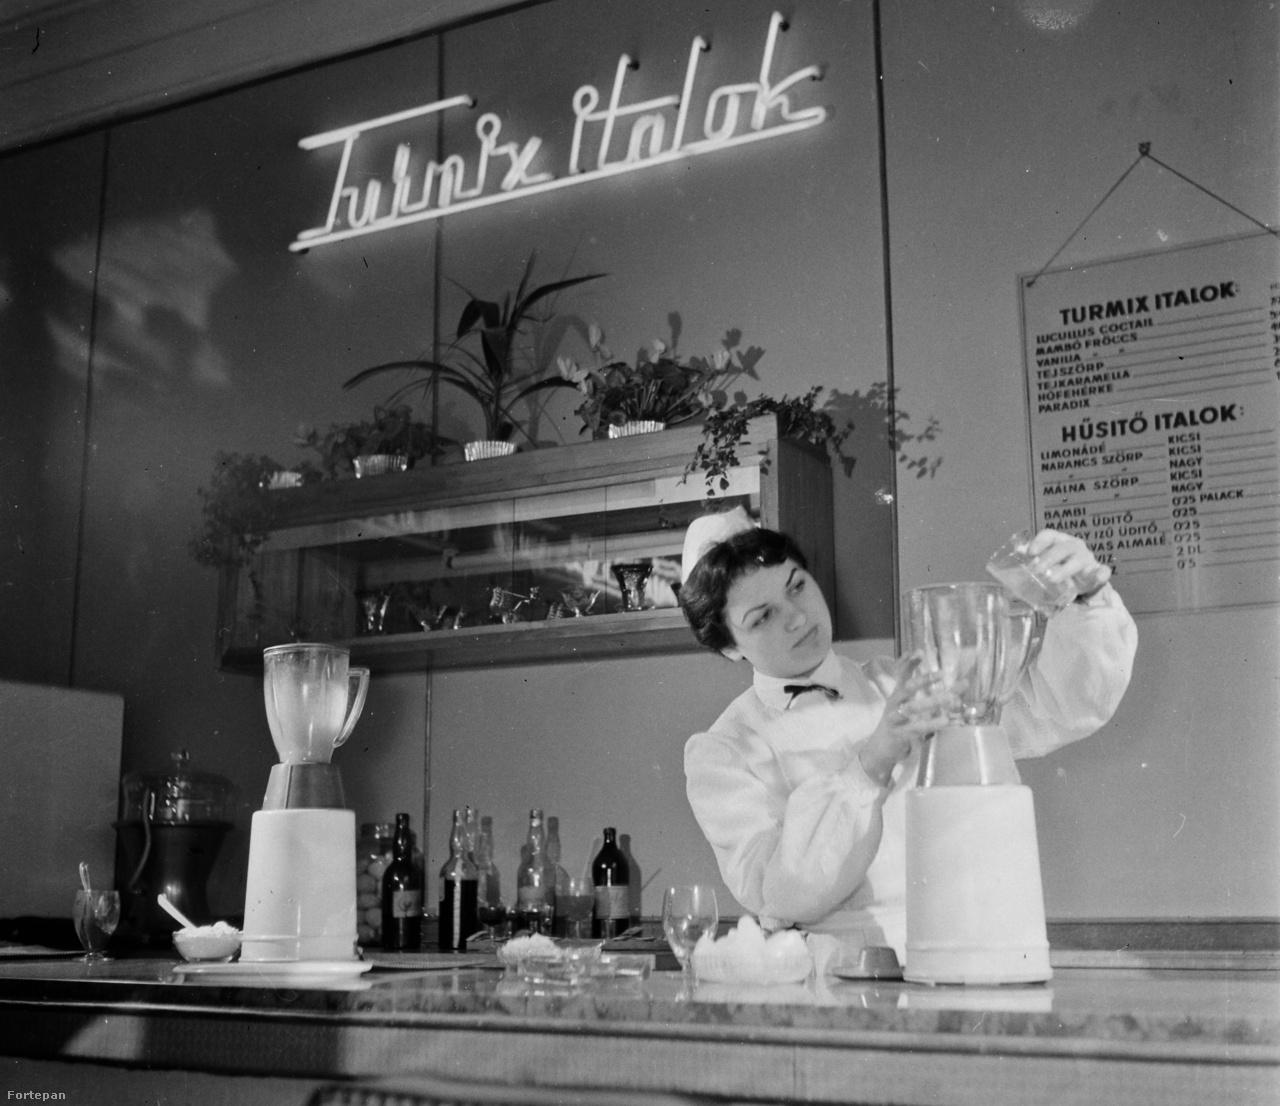 1962: turmixgéppel készül az egészséges és ízletes turmix a turmixbárban.